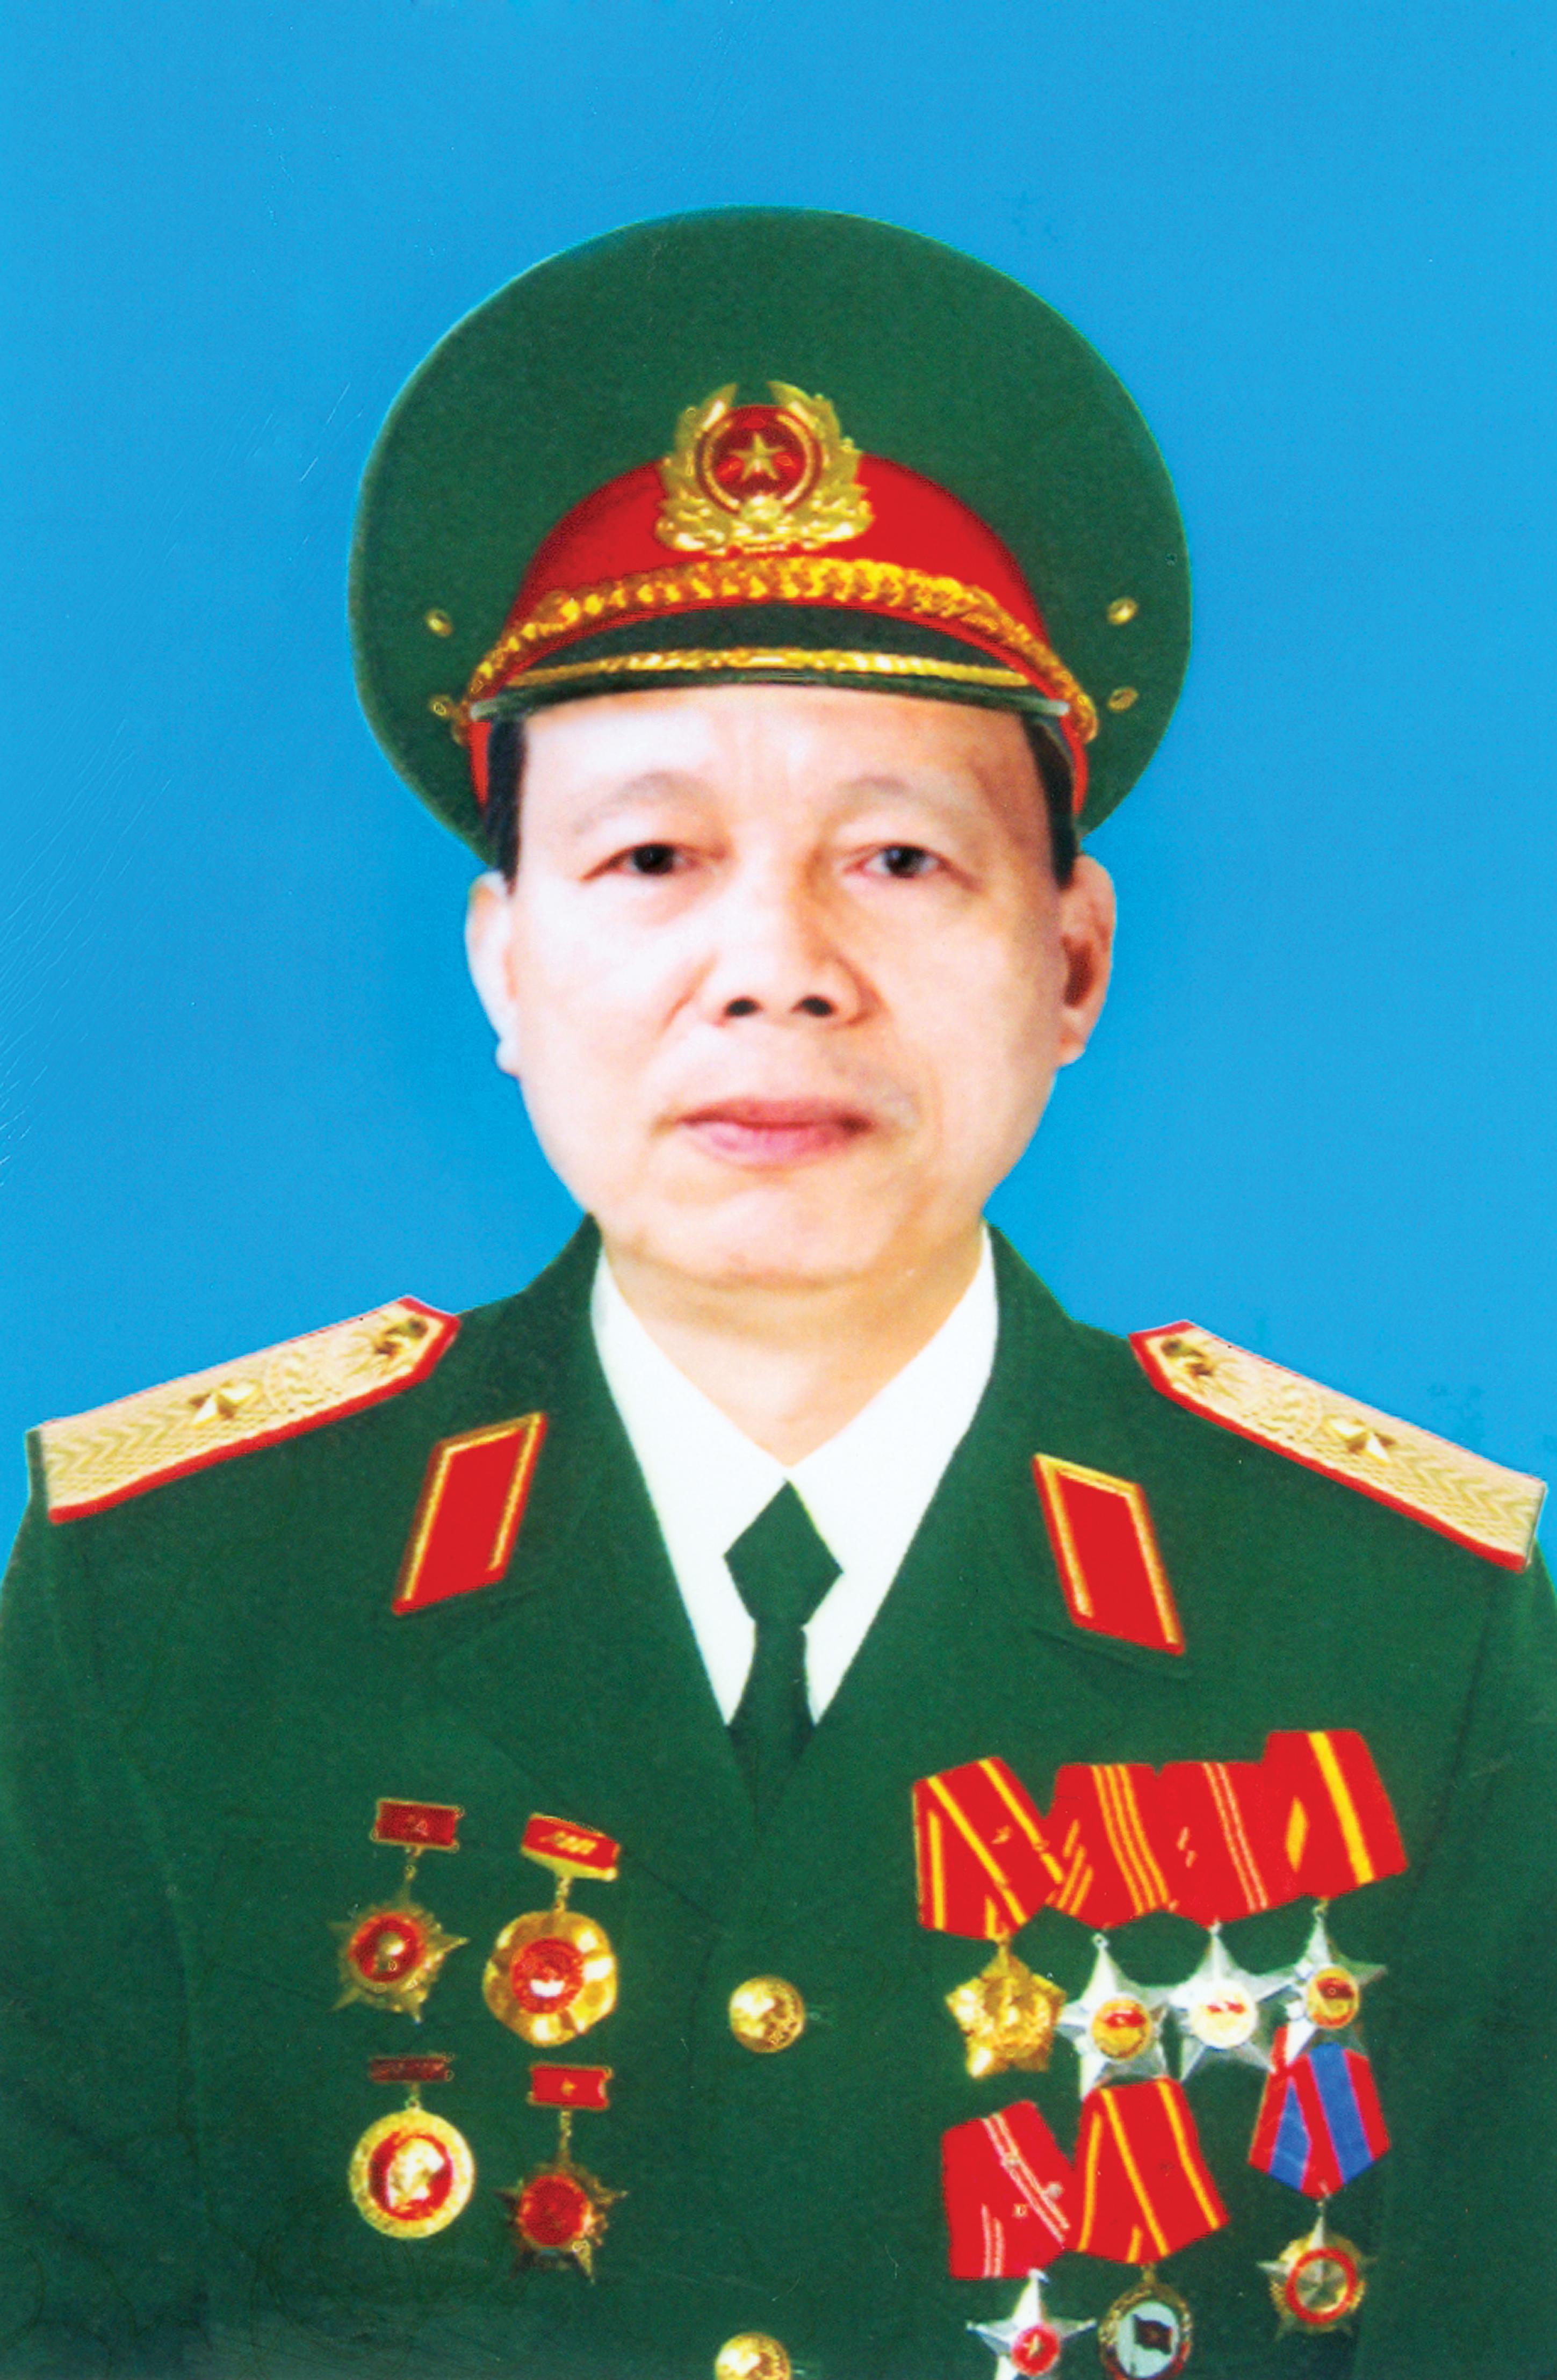 Thiếu Tướng đỗ đức Phap Nguyen Chủ Nhiệm Tổng Cục Kỹ Thuật Từ Trần